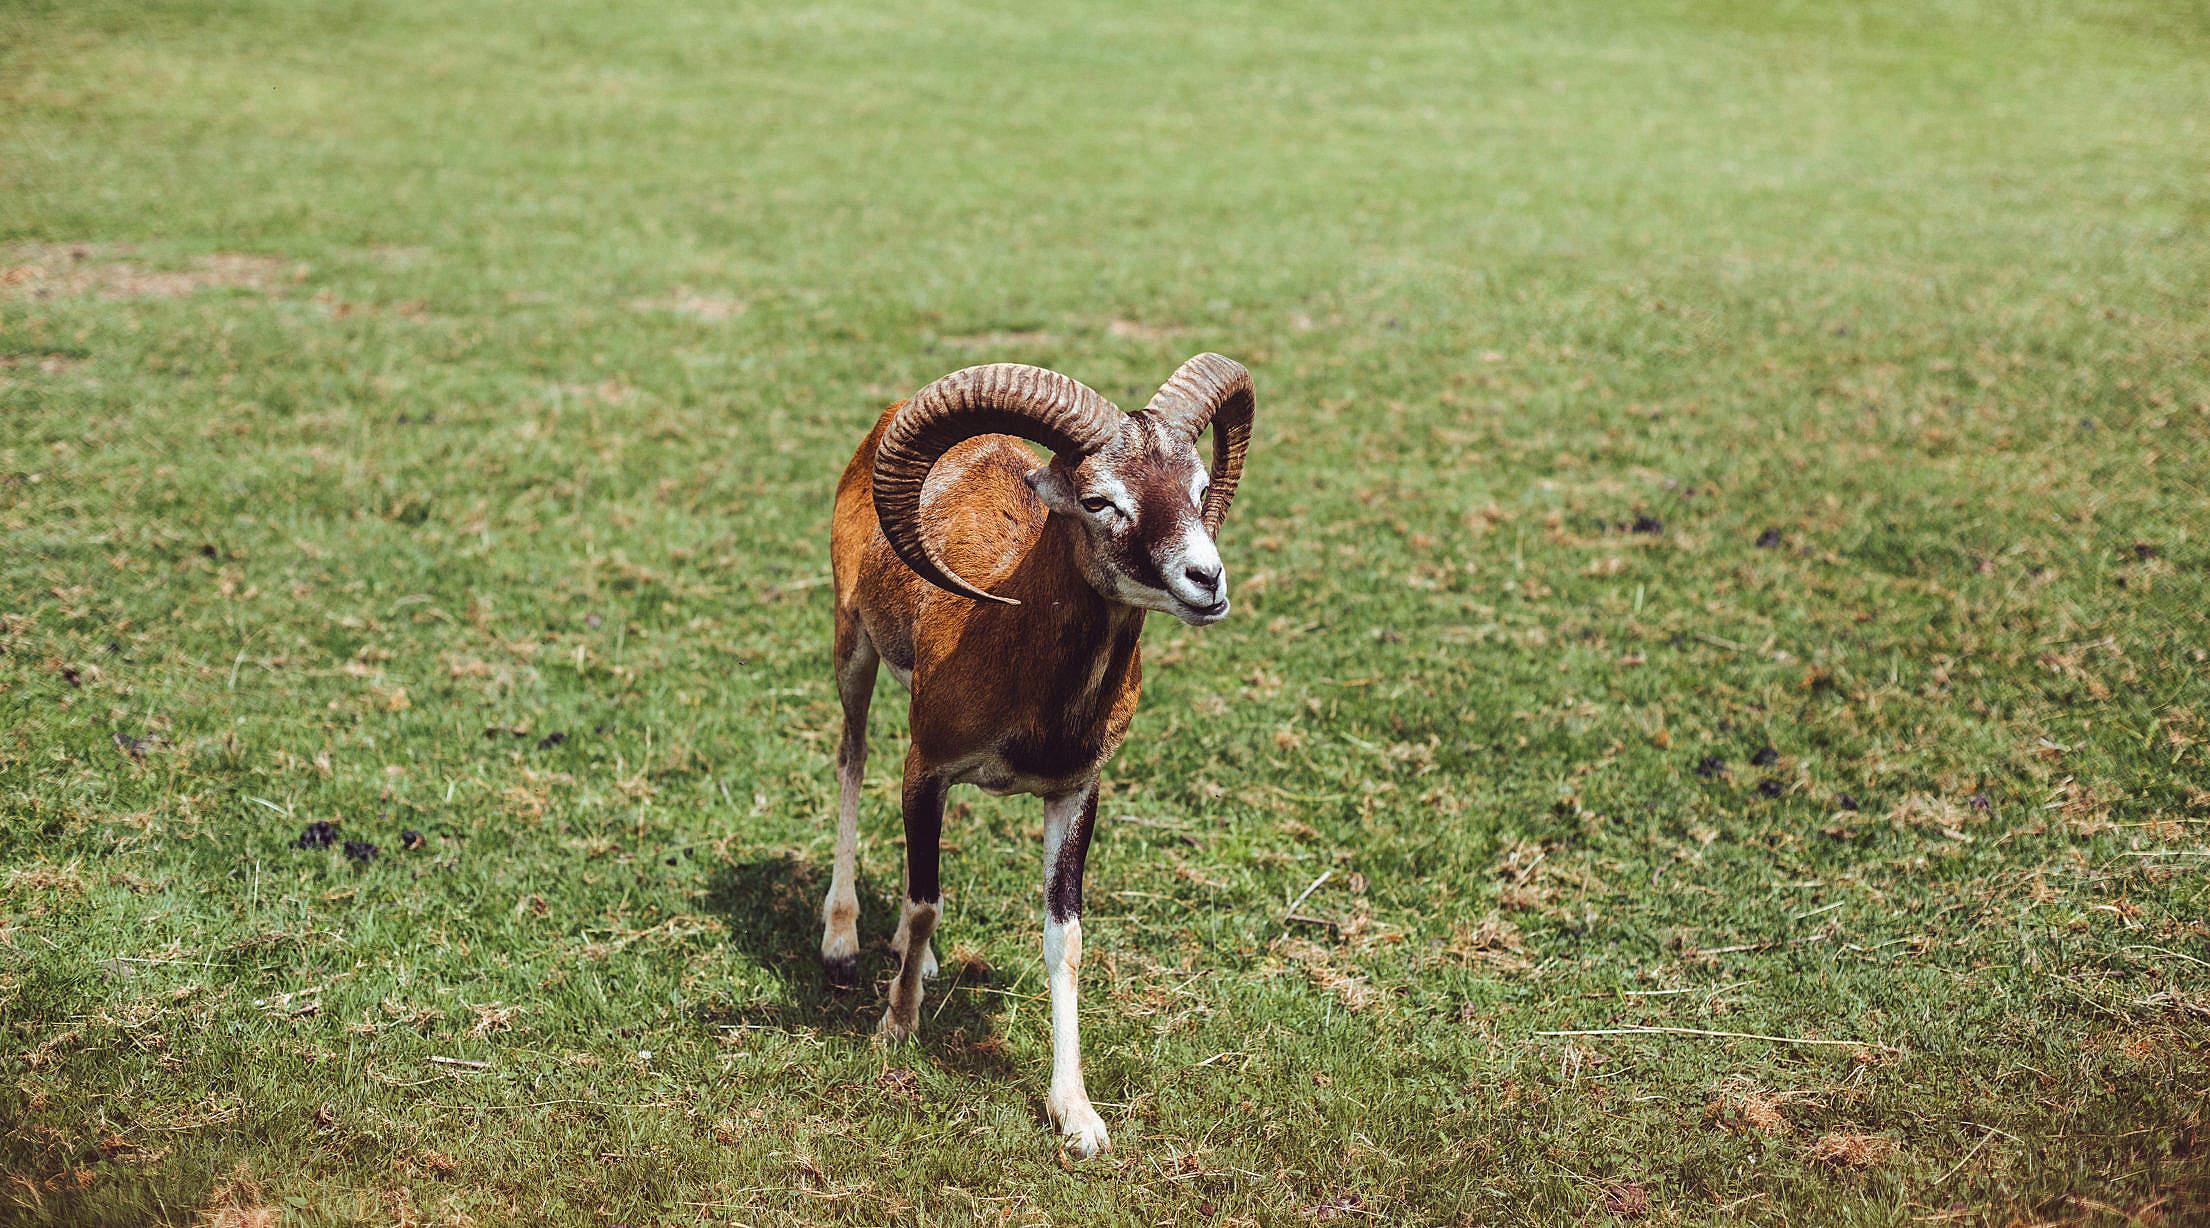 Mouflon on The Grass Free Stock Photo